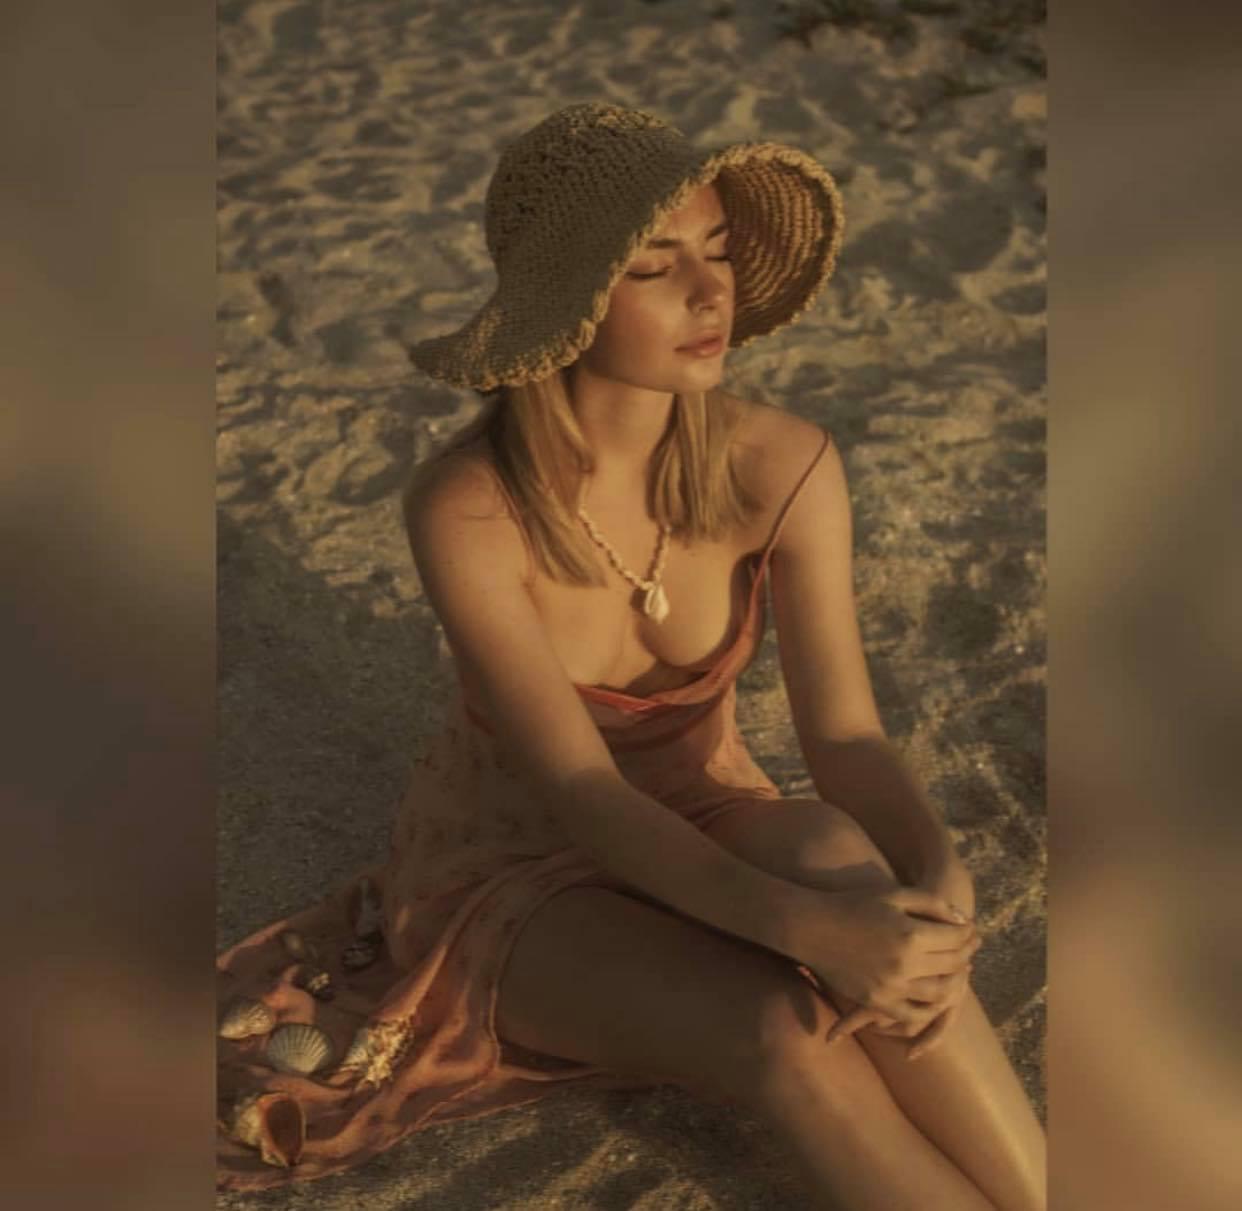 """2 thiếu nữ """"thả vòng 1 bên bờ biển"""" gây thương nhớ trong bộ ảnh """"Người đi nhặt vỏ sò"""" - 7"""